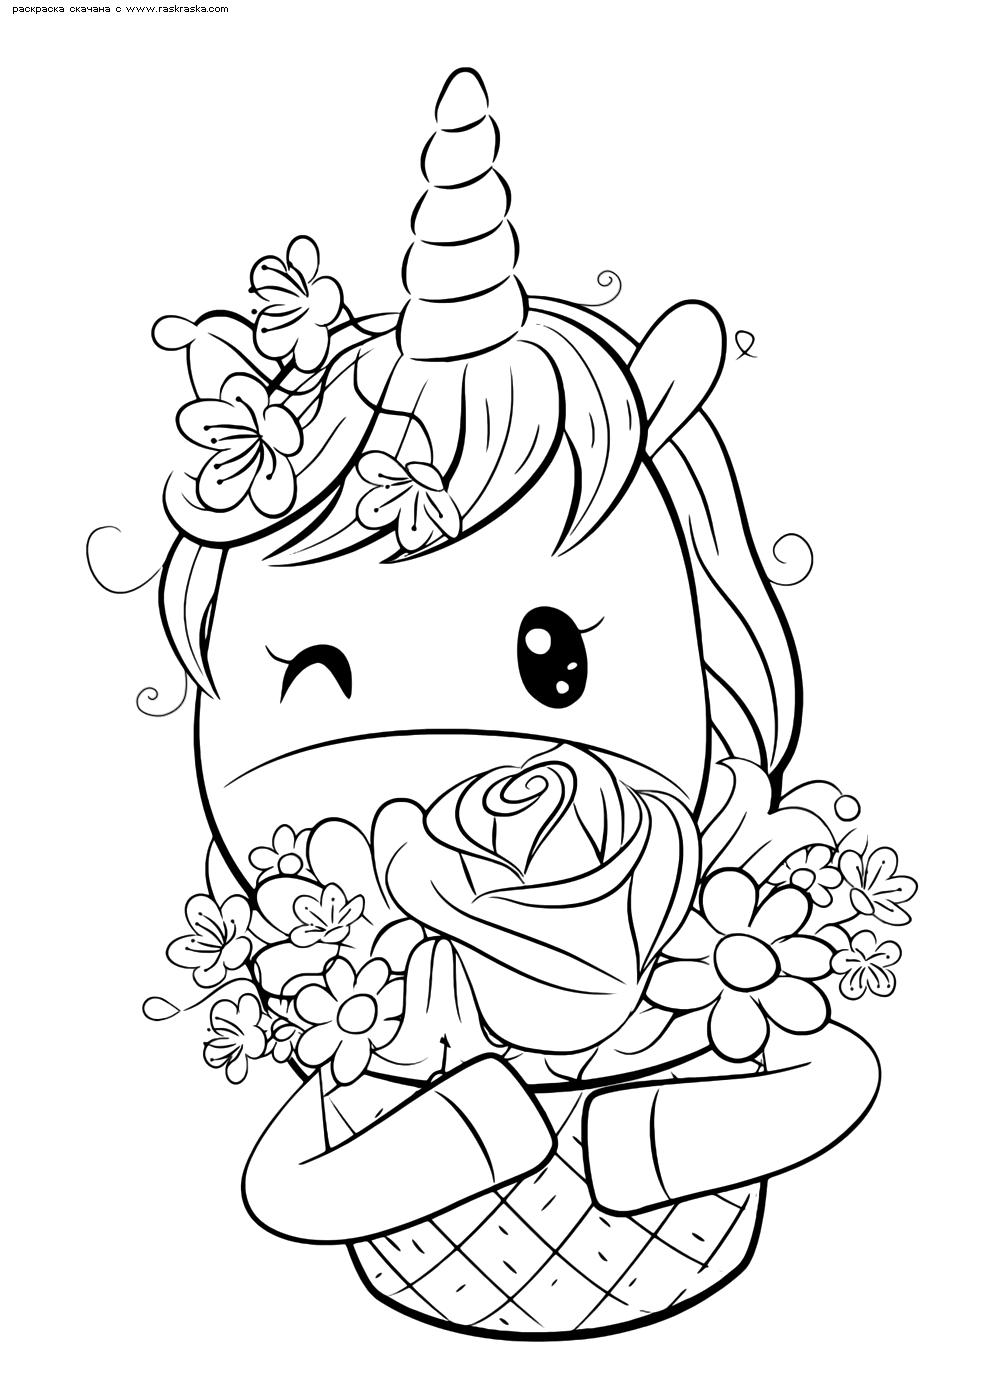 Раскраска Единорожка с цветами   Раскраски няшных животных ...